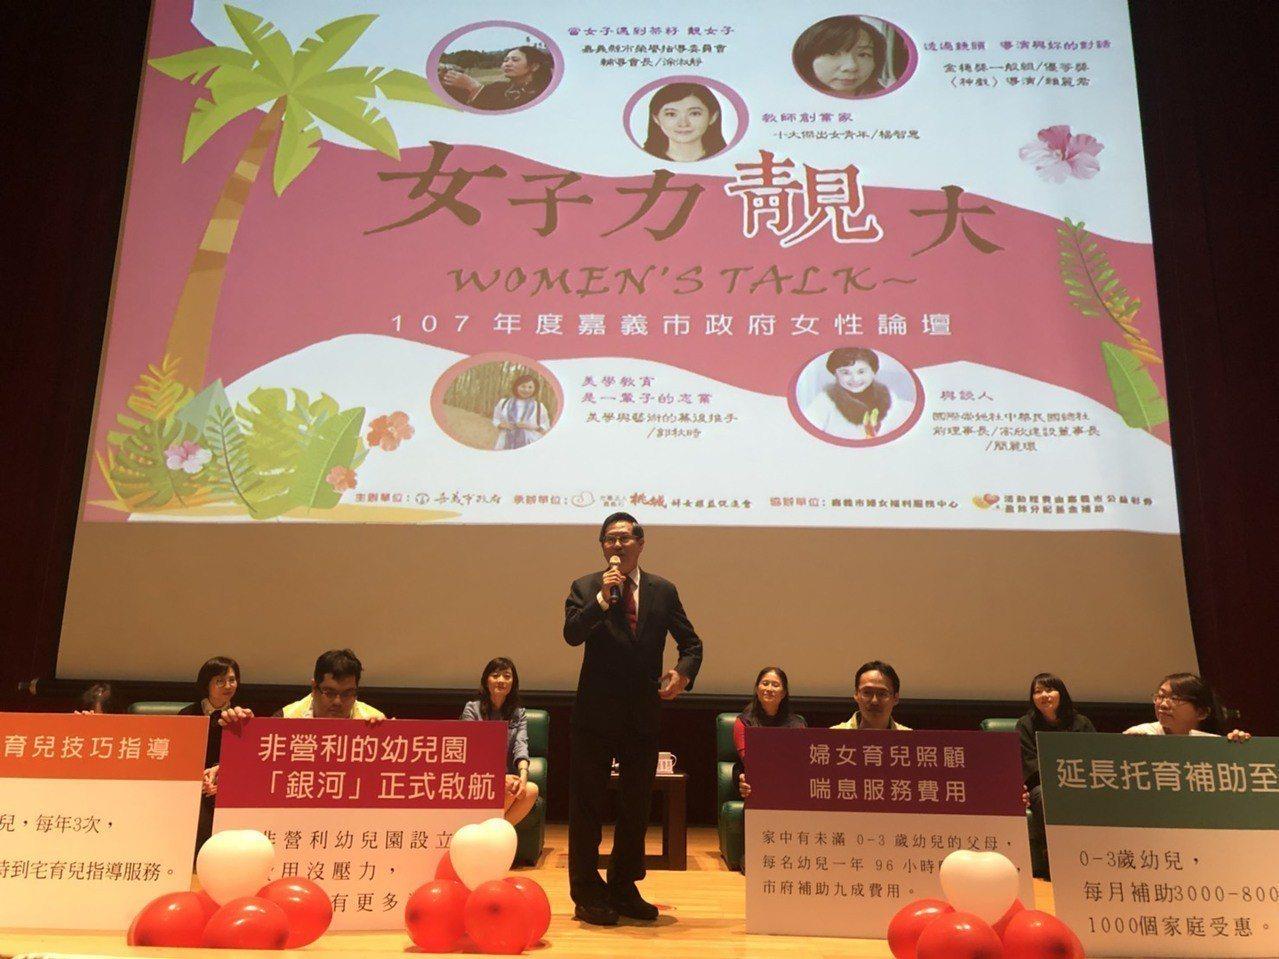 嘉義市長涂醒哲表示,106年中央社福績效考核成績,嘉義市在婦女福利及家庭支持組獲...